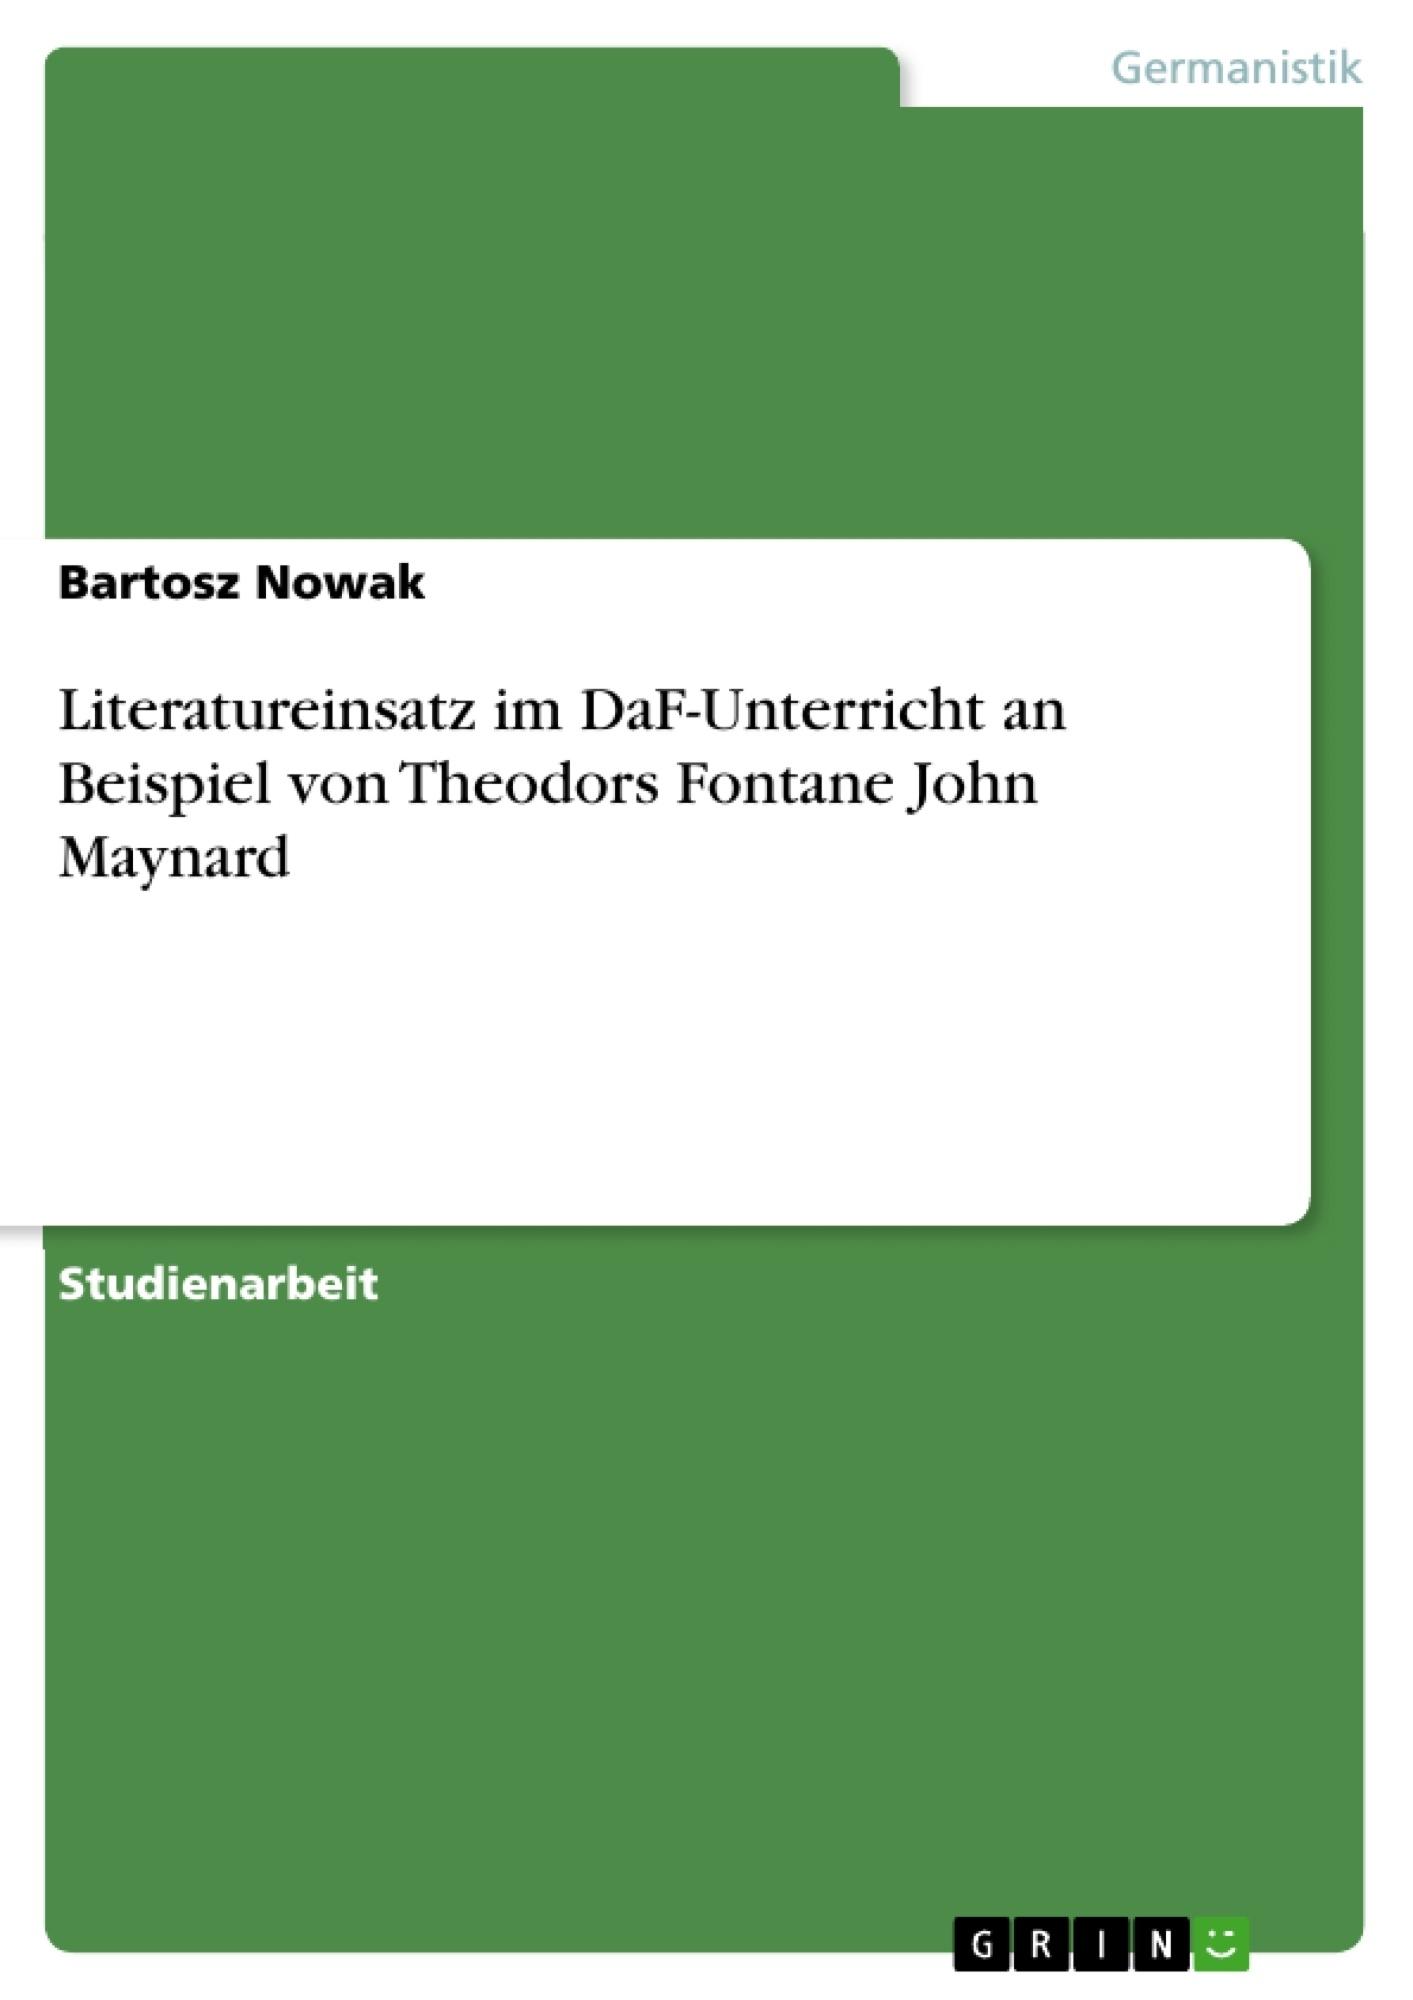 Titel: Literatureinsatz im DaF-Unterricht an Beispiel von Theodors Fontane John Maynard